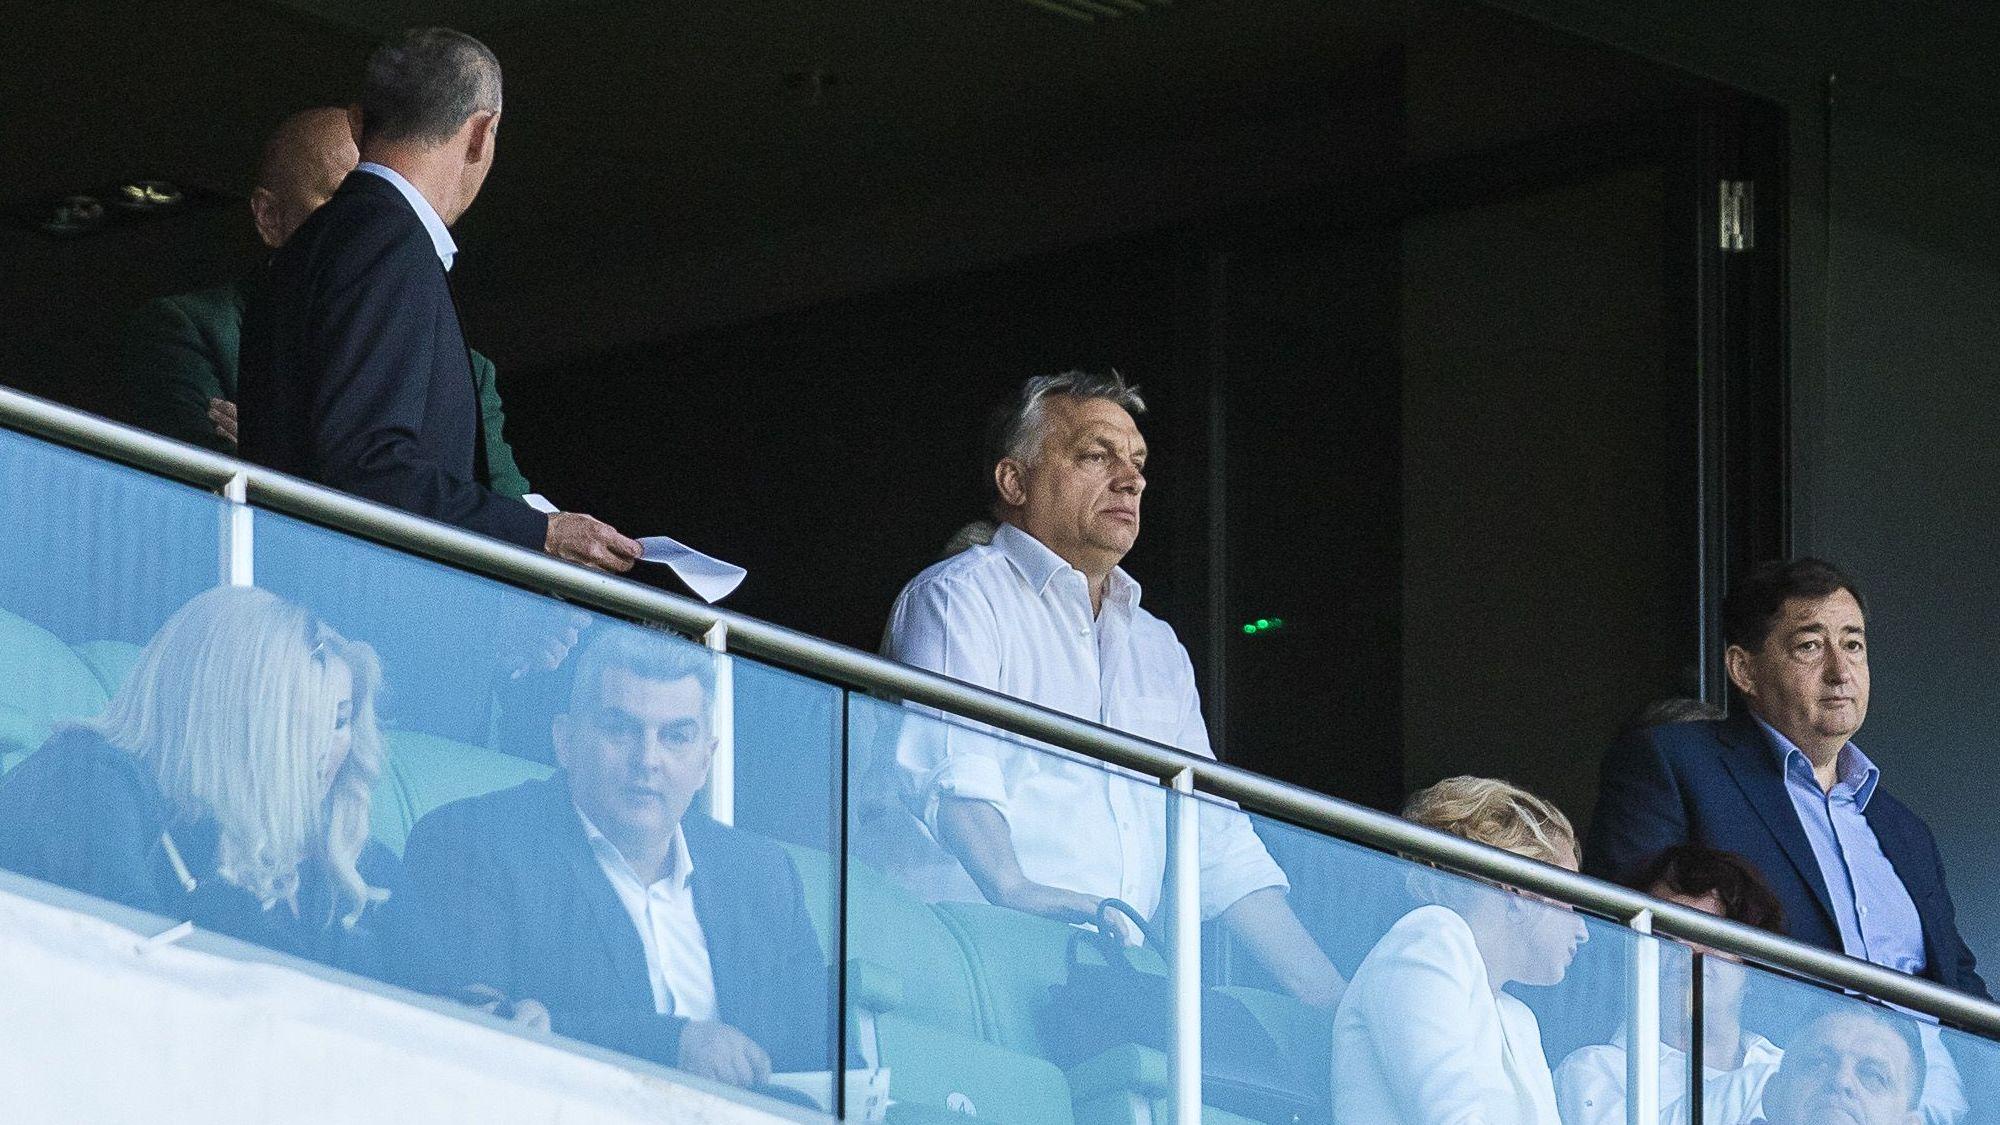 Mészáros Lőrinc Orbán Viktor társaságában Felcsúton a Puskás Akadémia VIP páholyában: Fotó: Karancsi Rudolf, 24.hu